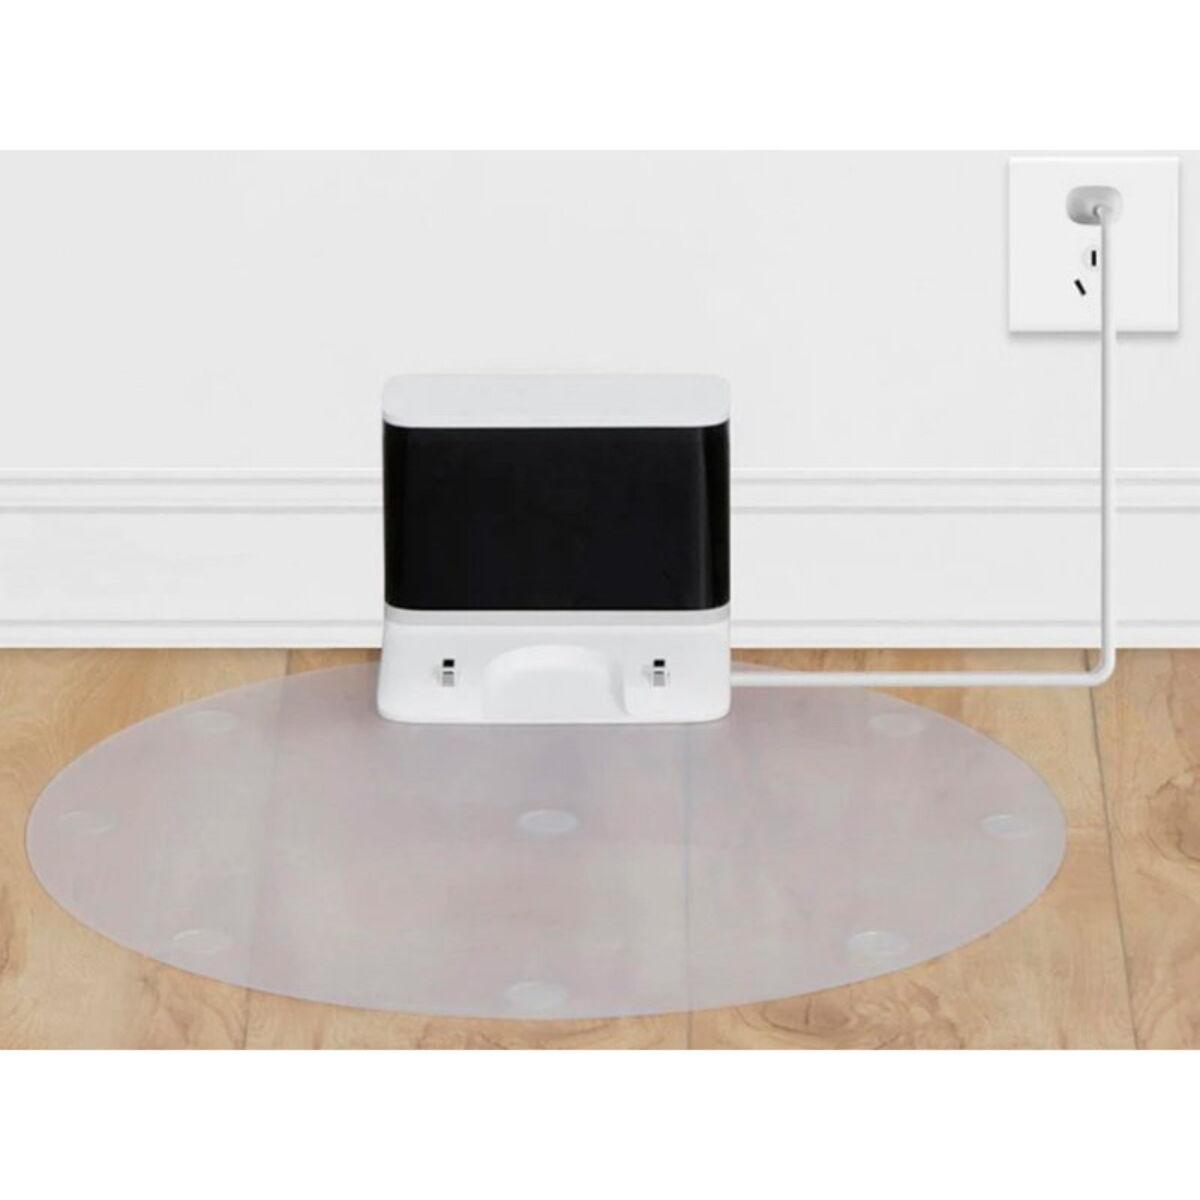 Xiaomi Vacuum Cleaner Mi Robot Mop - vízálló matrac fehér EU SKV4133TY